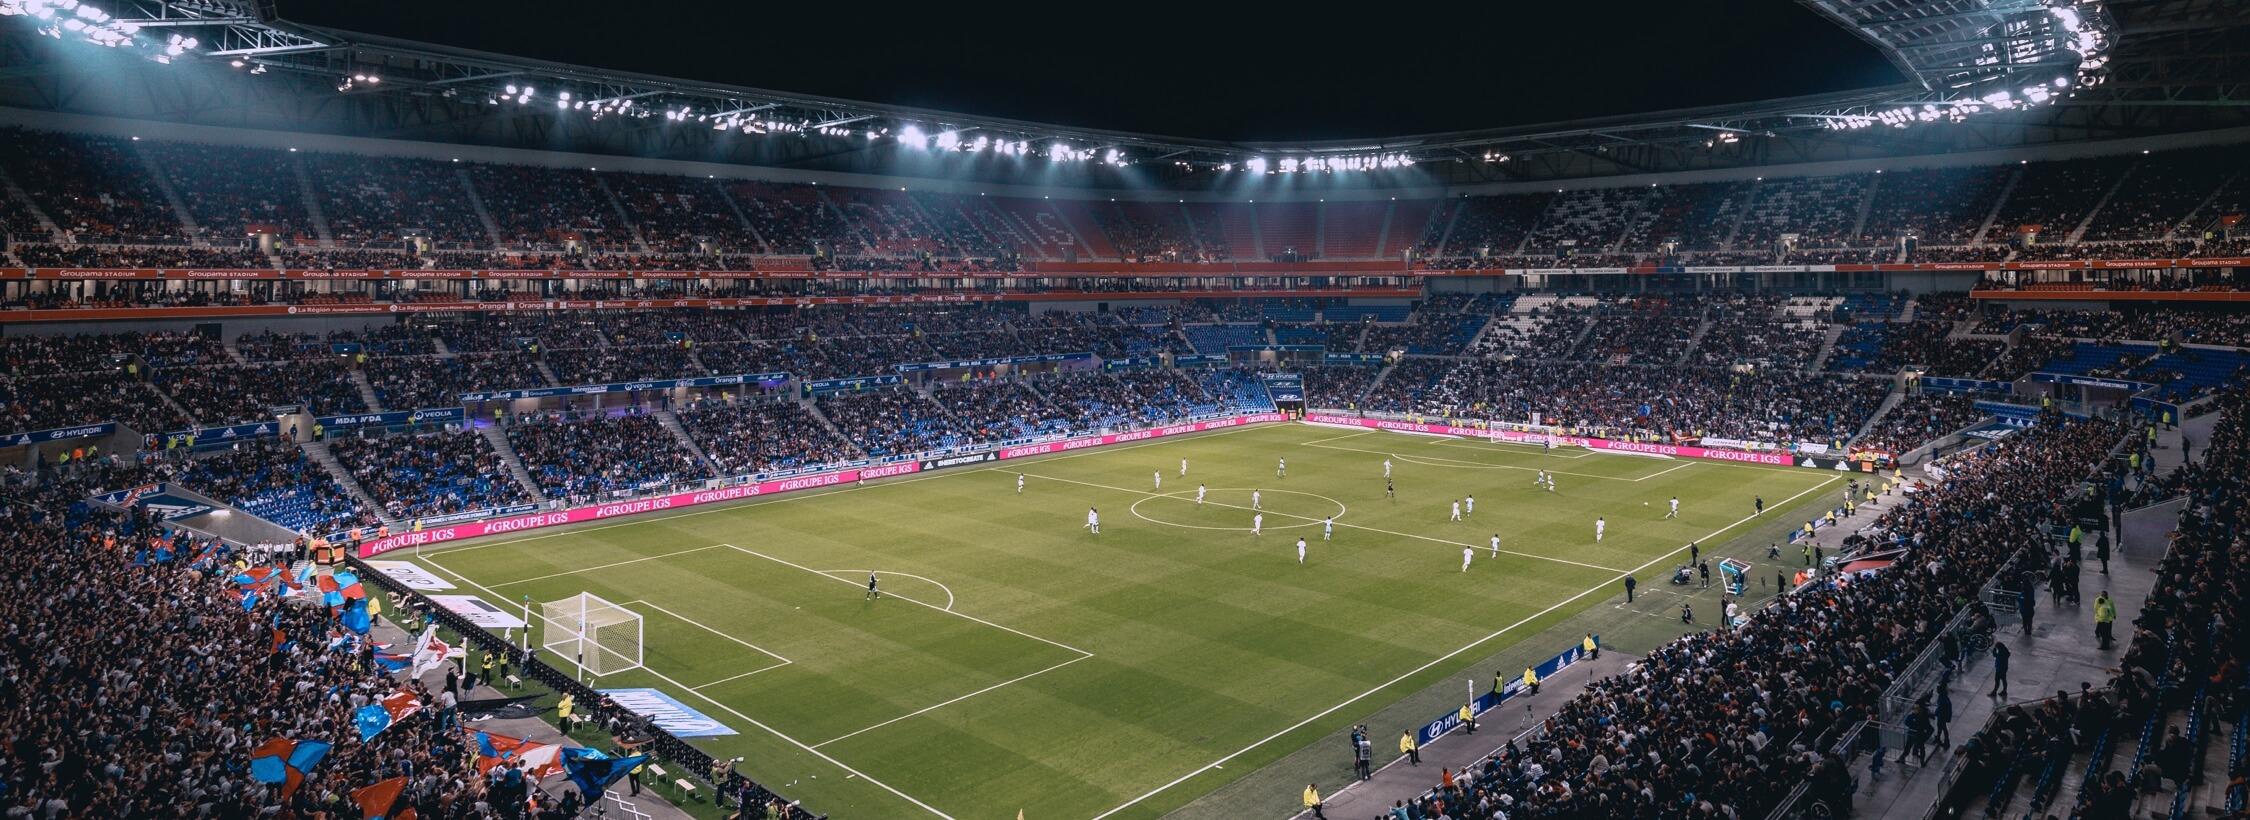 Stadionaufnahme aus der Kurve mit Blick auf das Spielfeld.